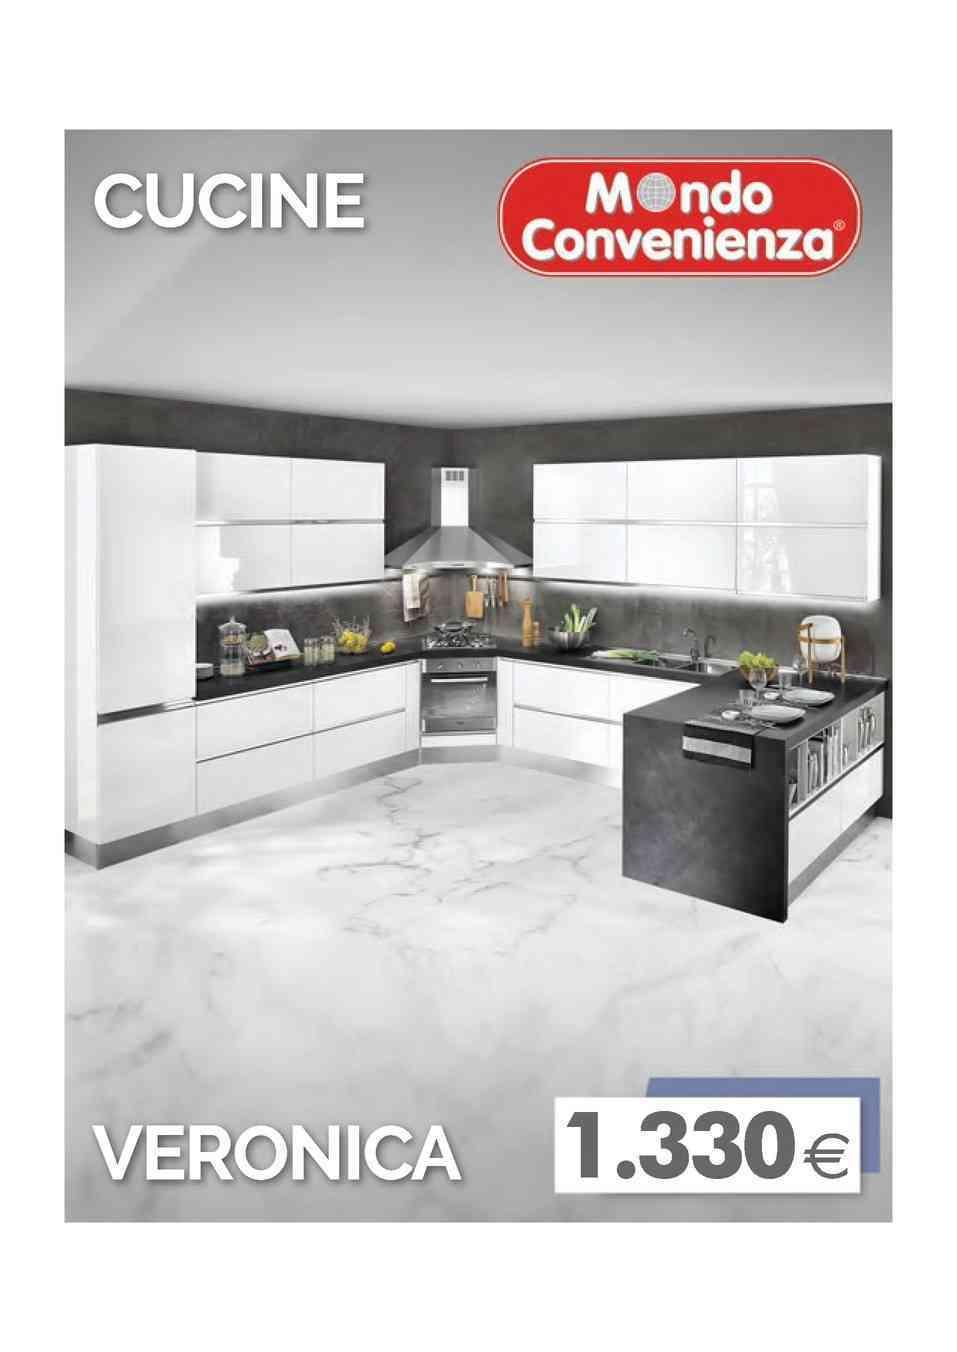 Cucine Mondo Convenienza Componibili.Offerte Mondo Convenienza Cucine A Castel San Pietro Terme Negozi Per Arredare Casa Promoqui